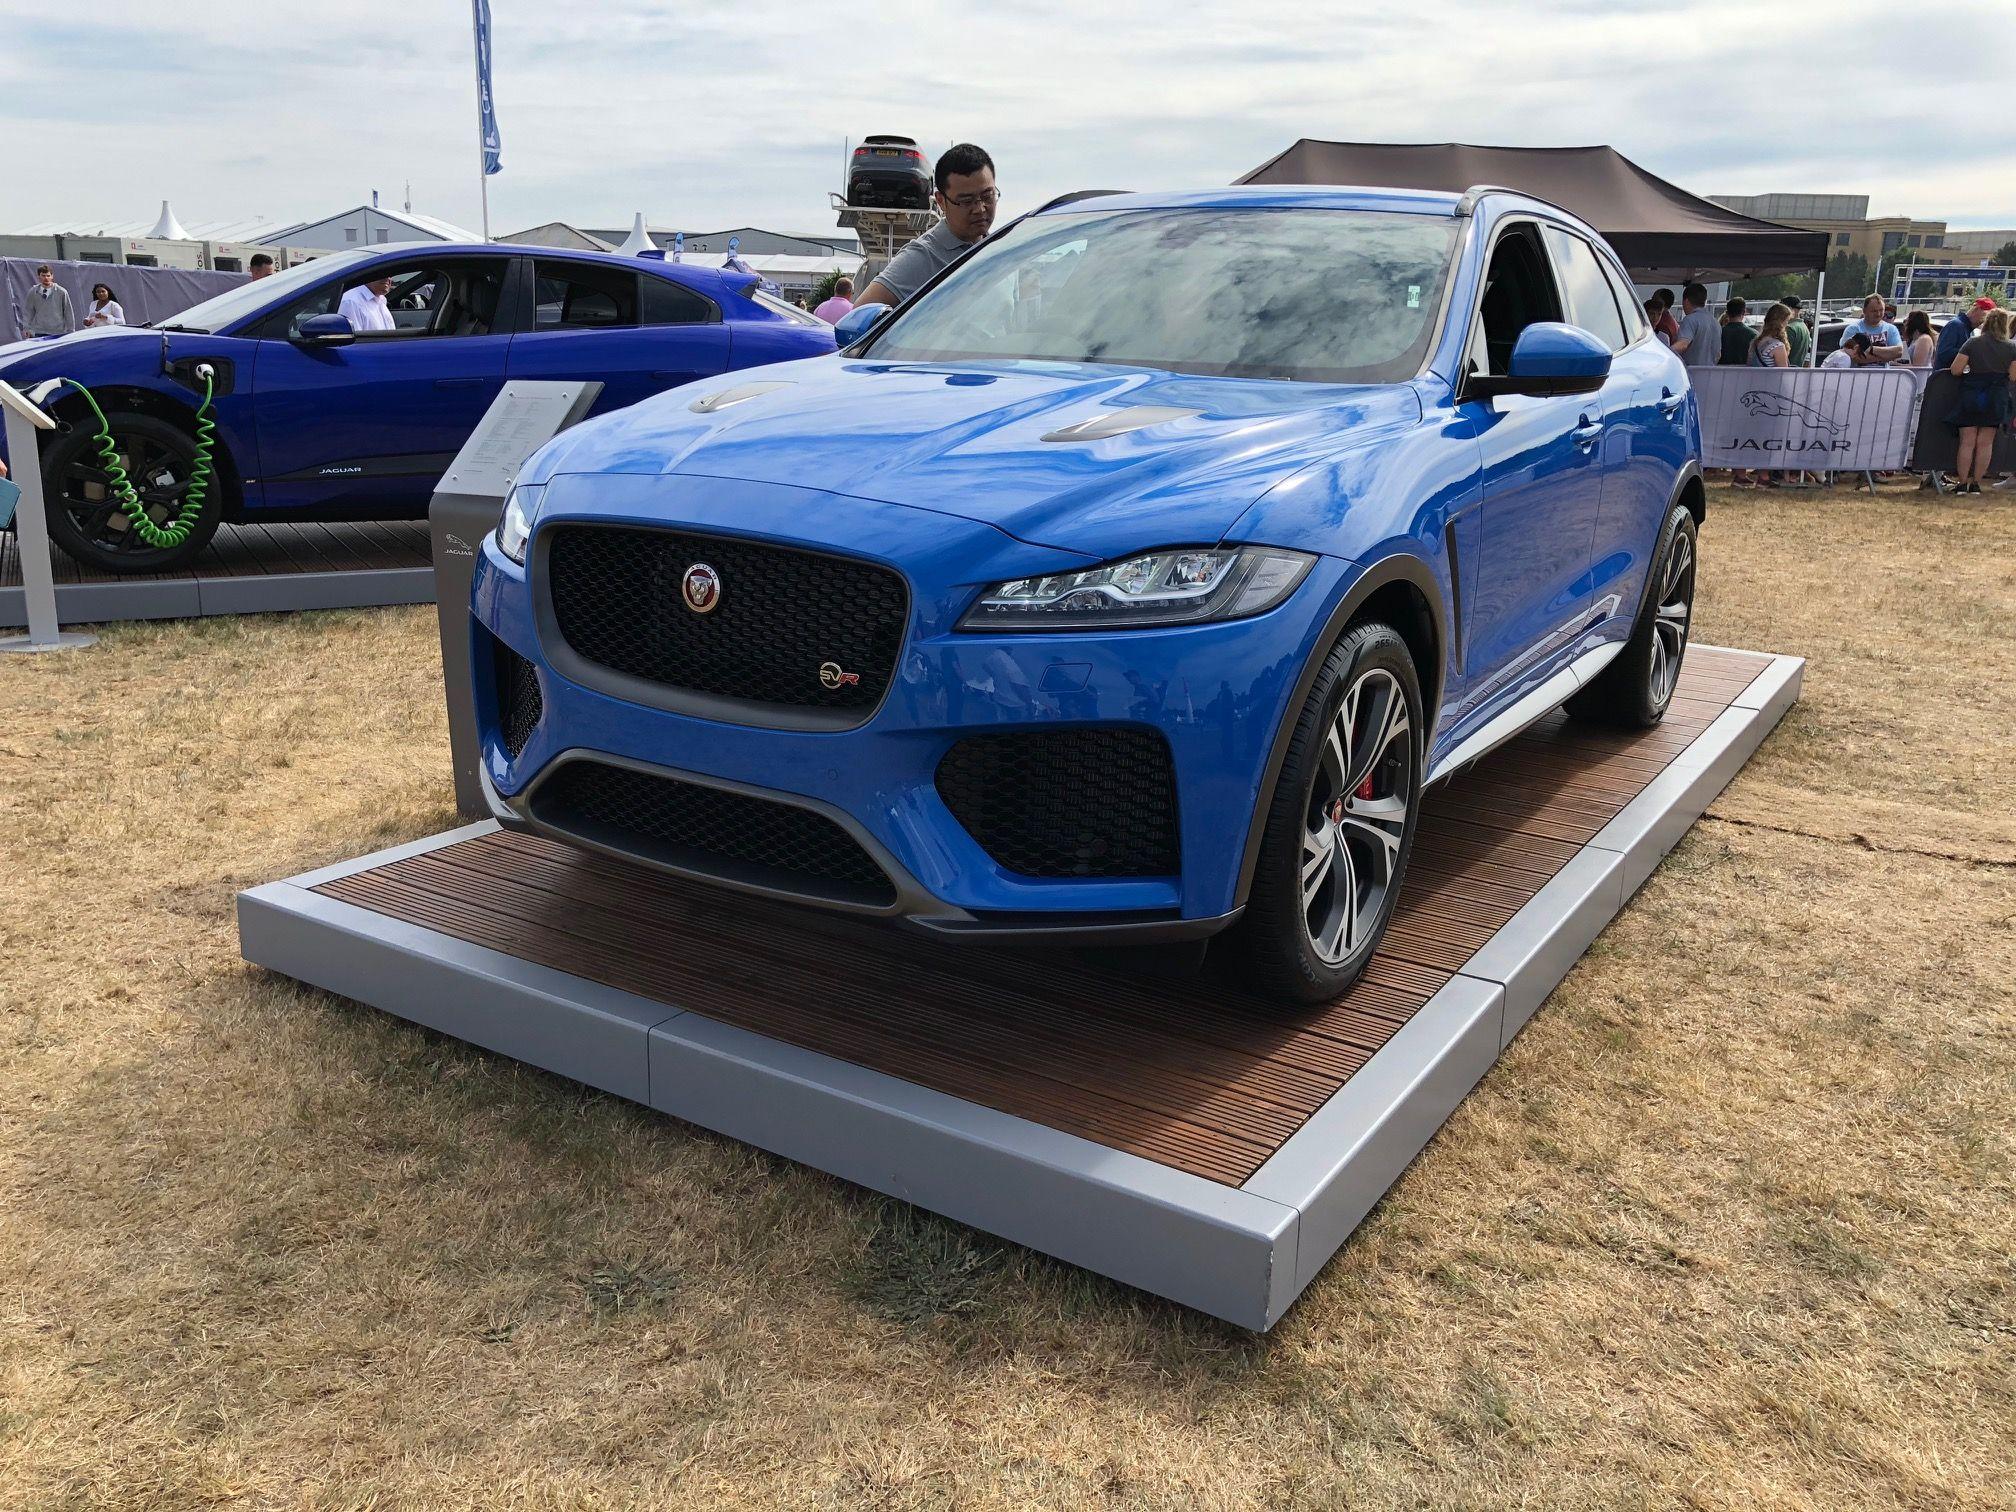 The Jaguar F Pace Estate 5 0 Supercharged V8 Svr 5dr Auto Awd Car Leasing Deal Cars Jaguar Luxury Car Lease Jaguar Awd Cars